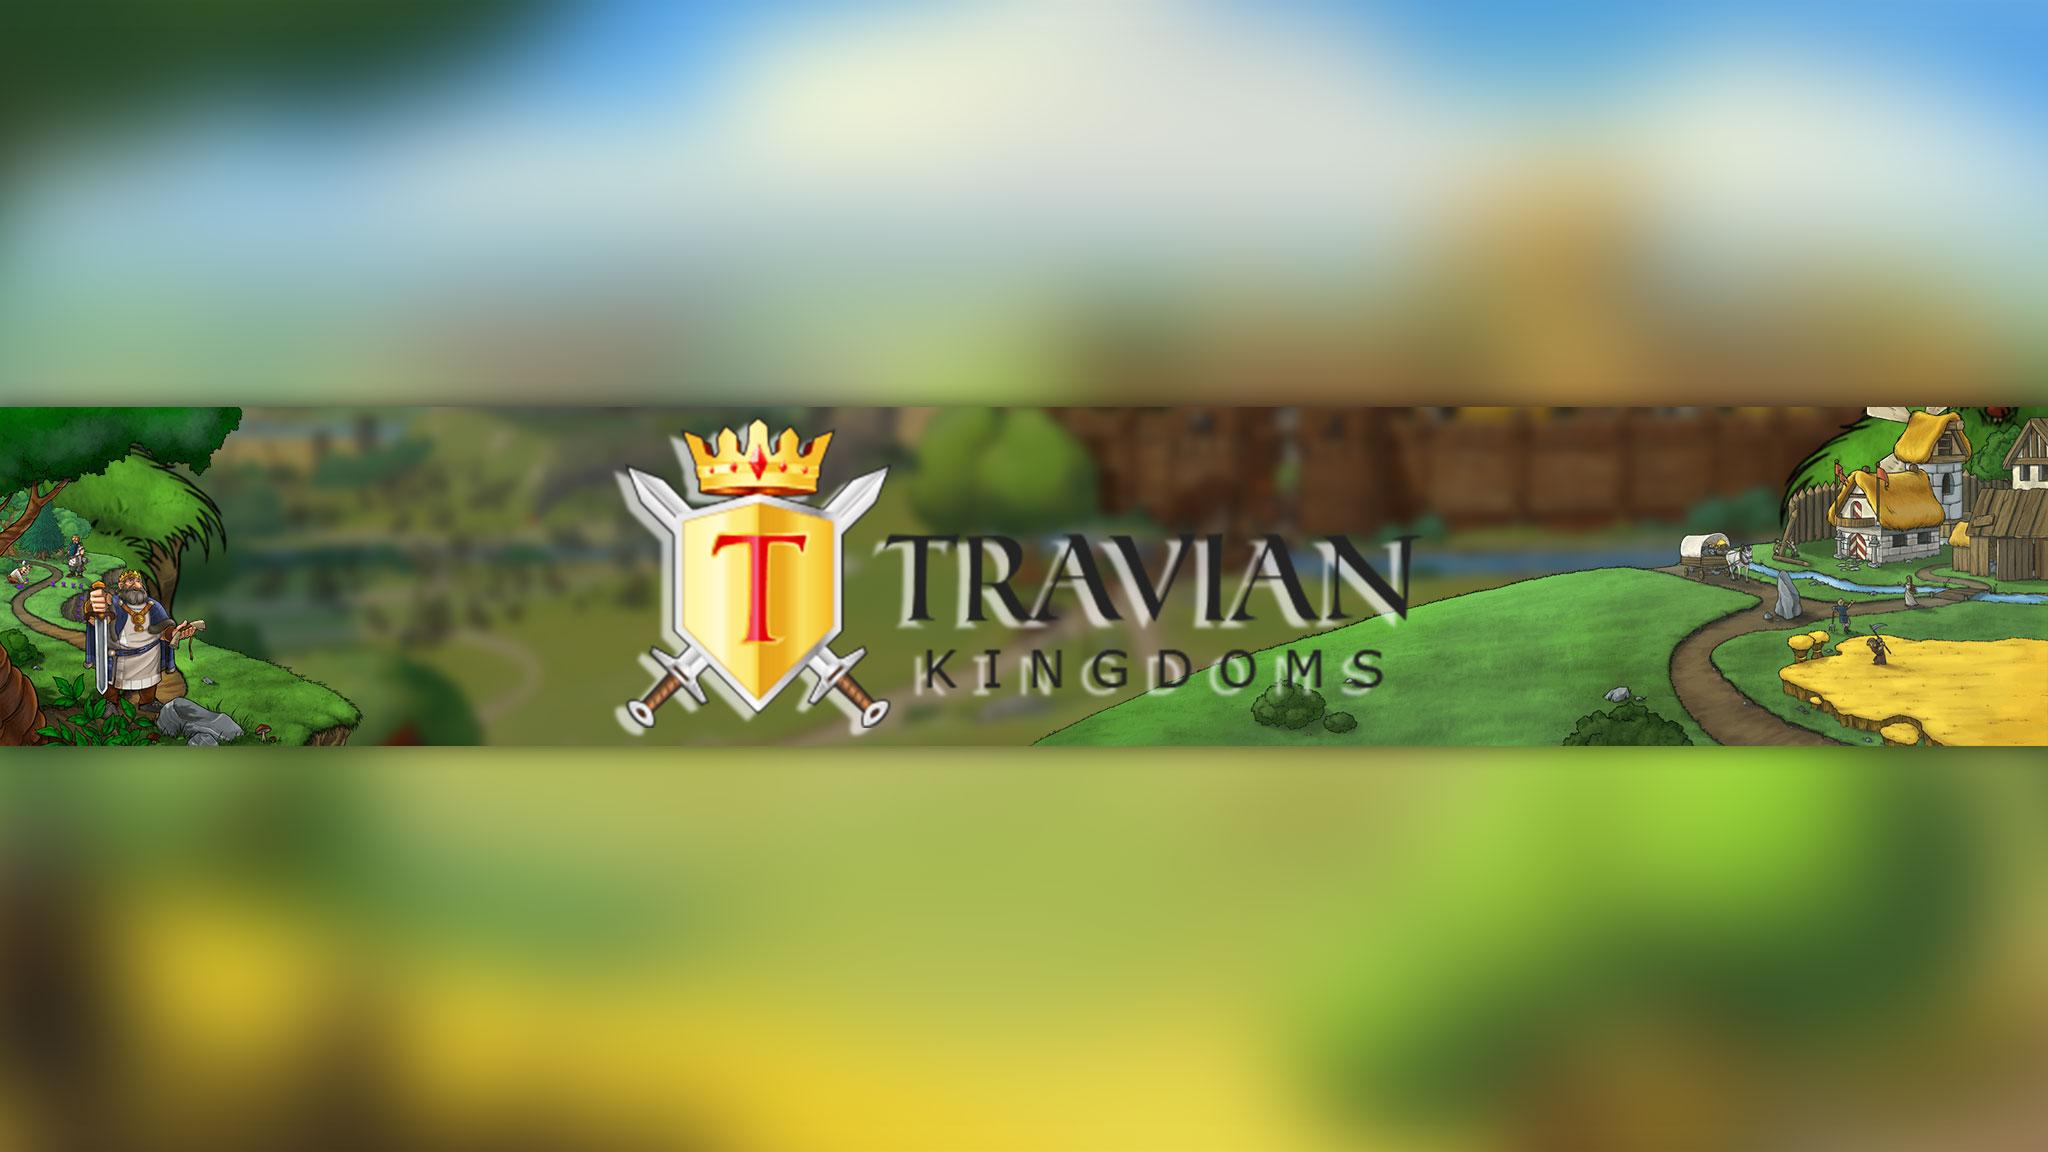 Картинка жёлто - зелёного цвета с названием и персонажами игры Travian Kingdoms.